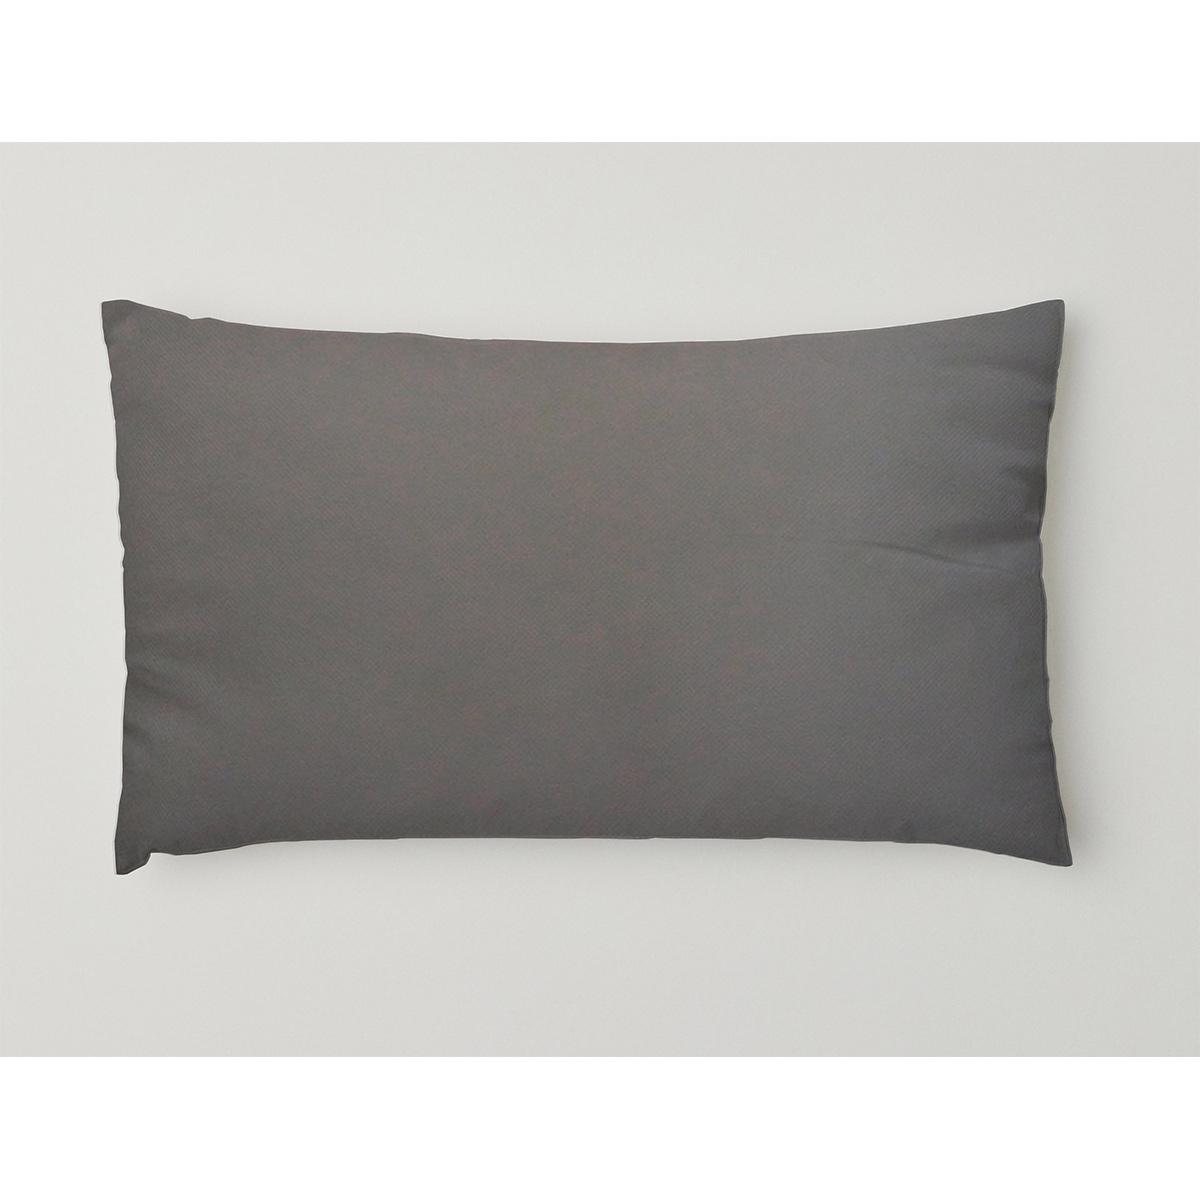 Housse de coussin d'extérieur en tissus outdoor (Gris)